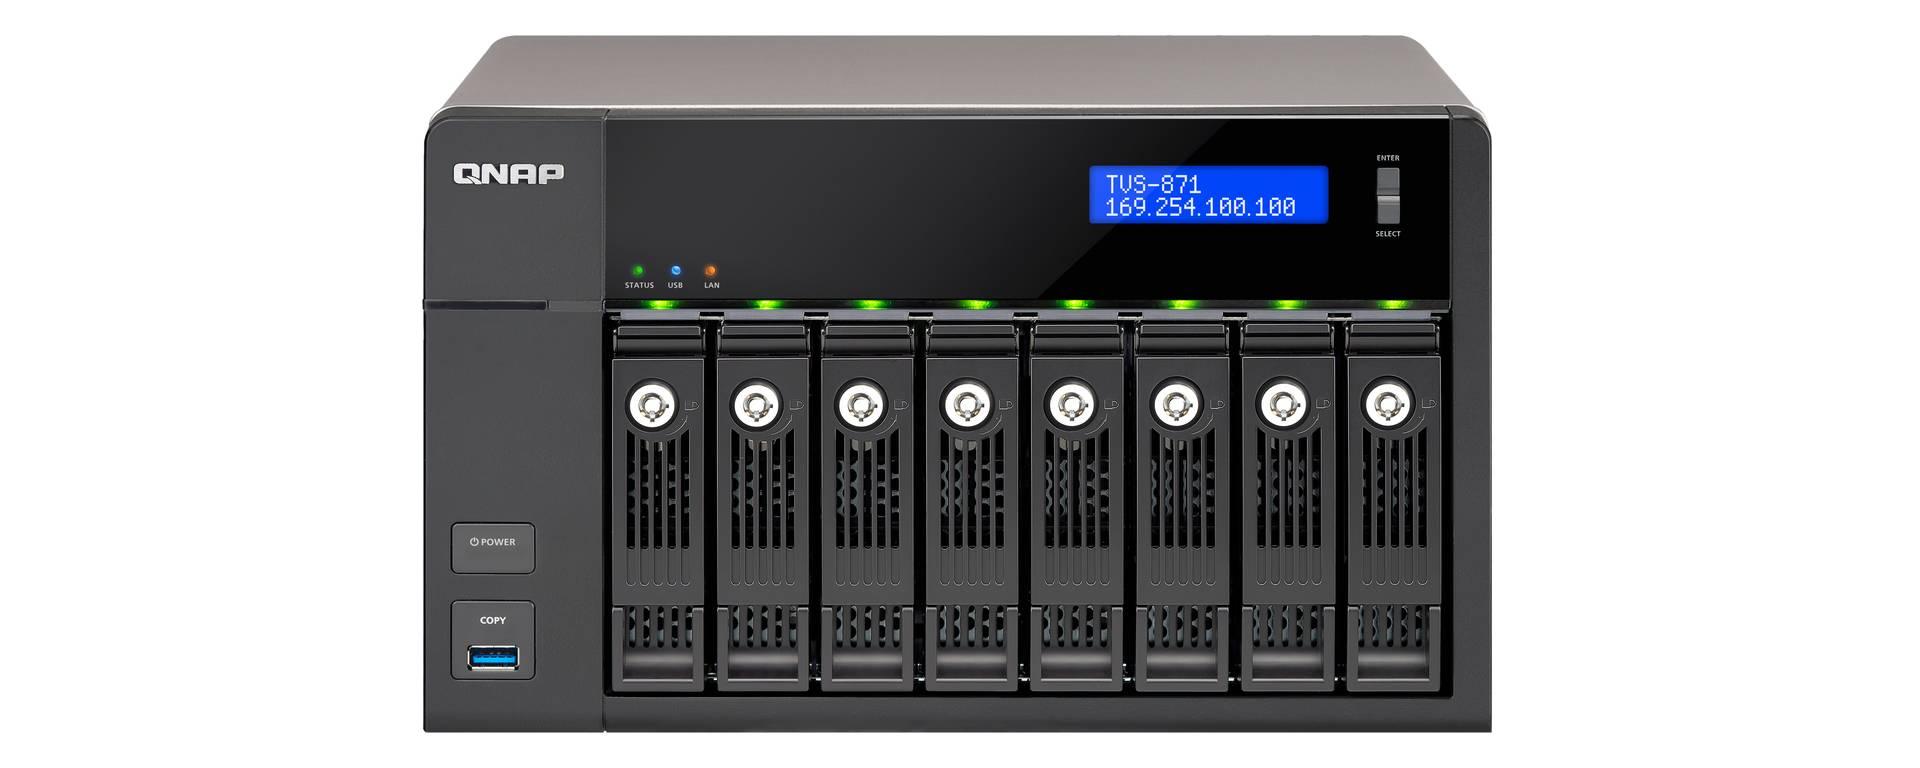 QNAP TVS-871